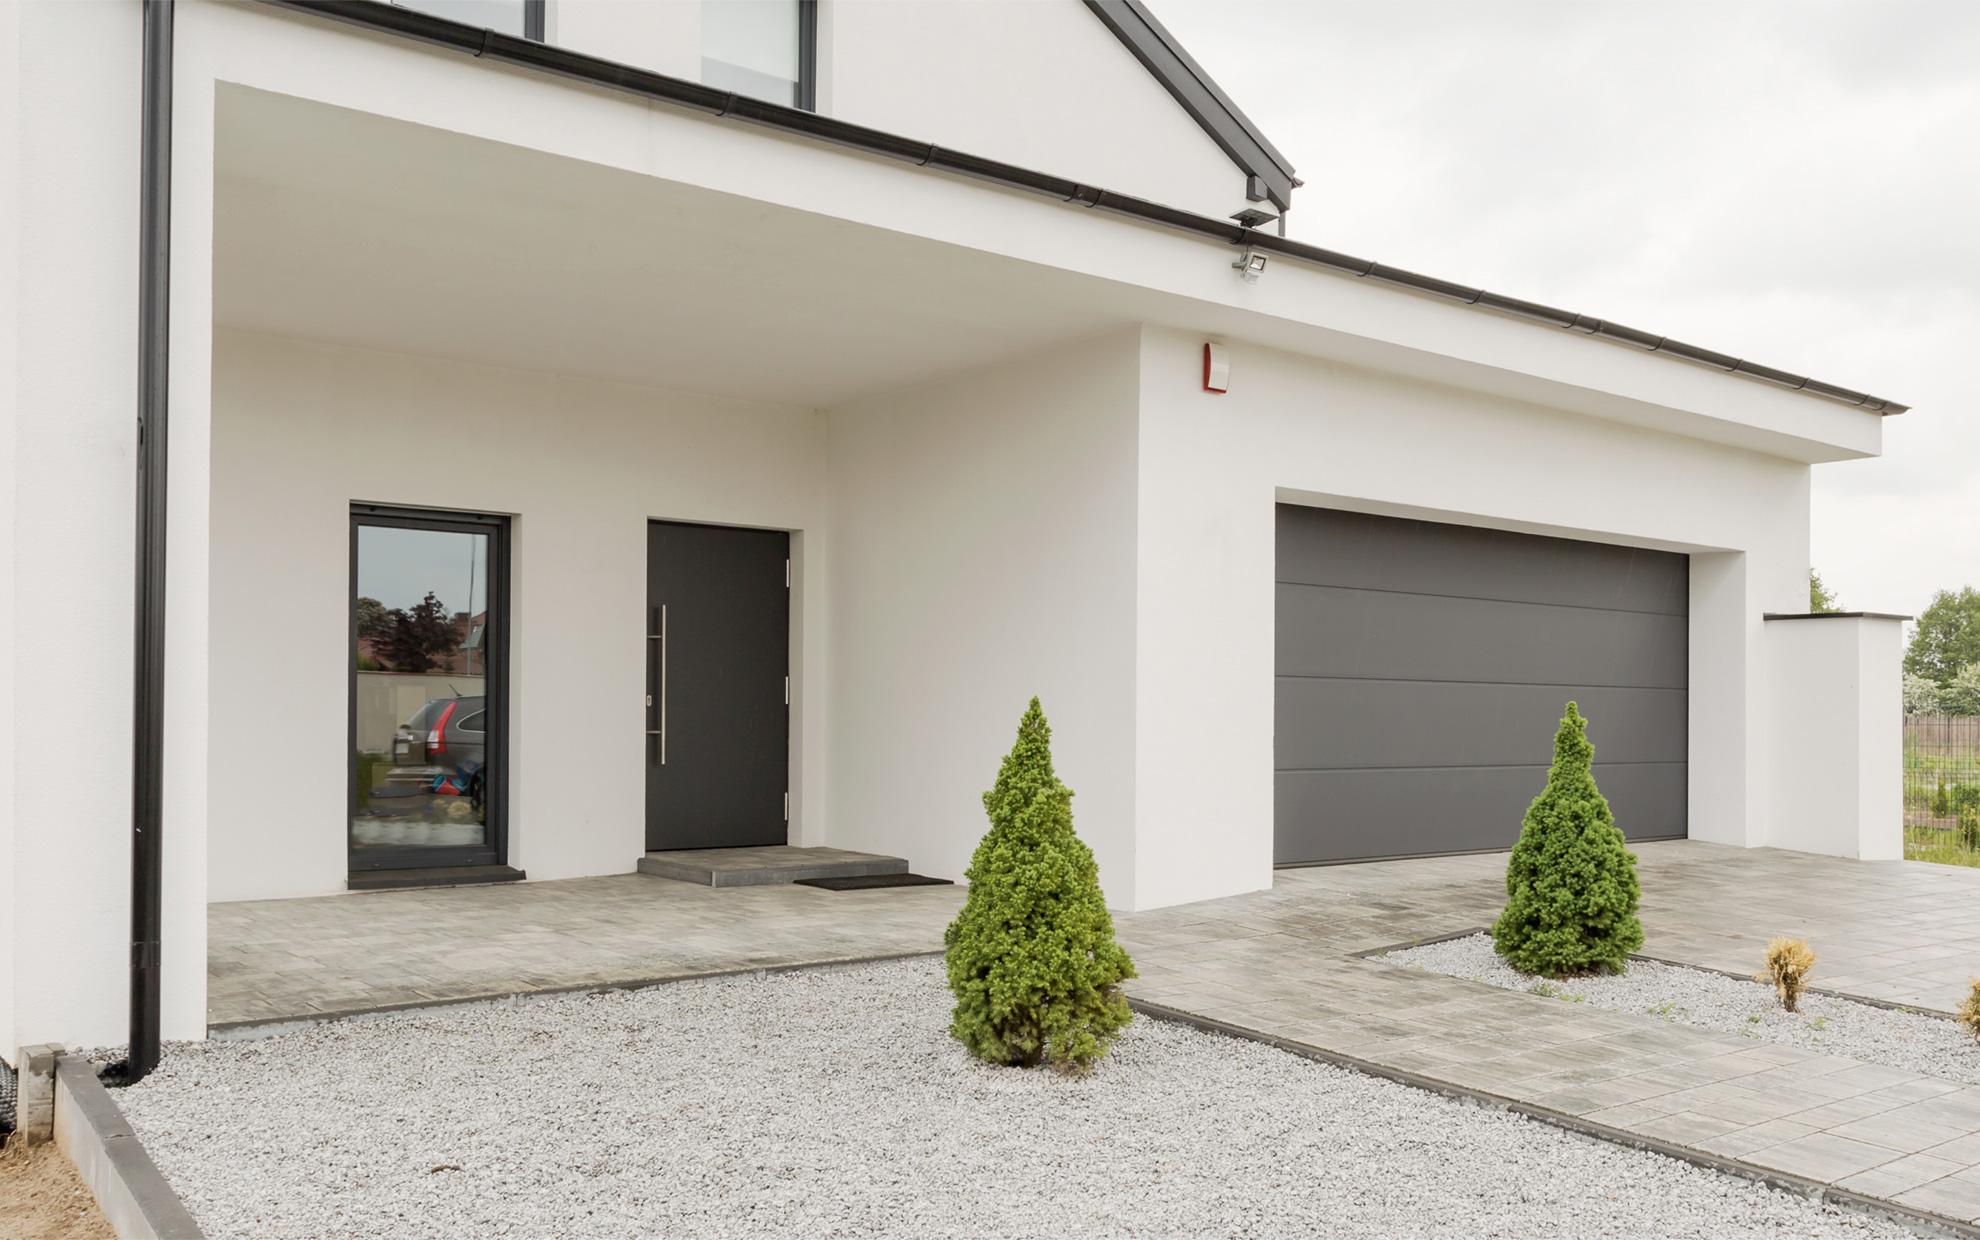 Dimensioni Porta Ingresso Casa home | edilporte.it